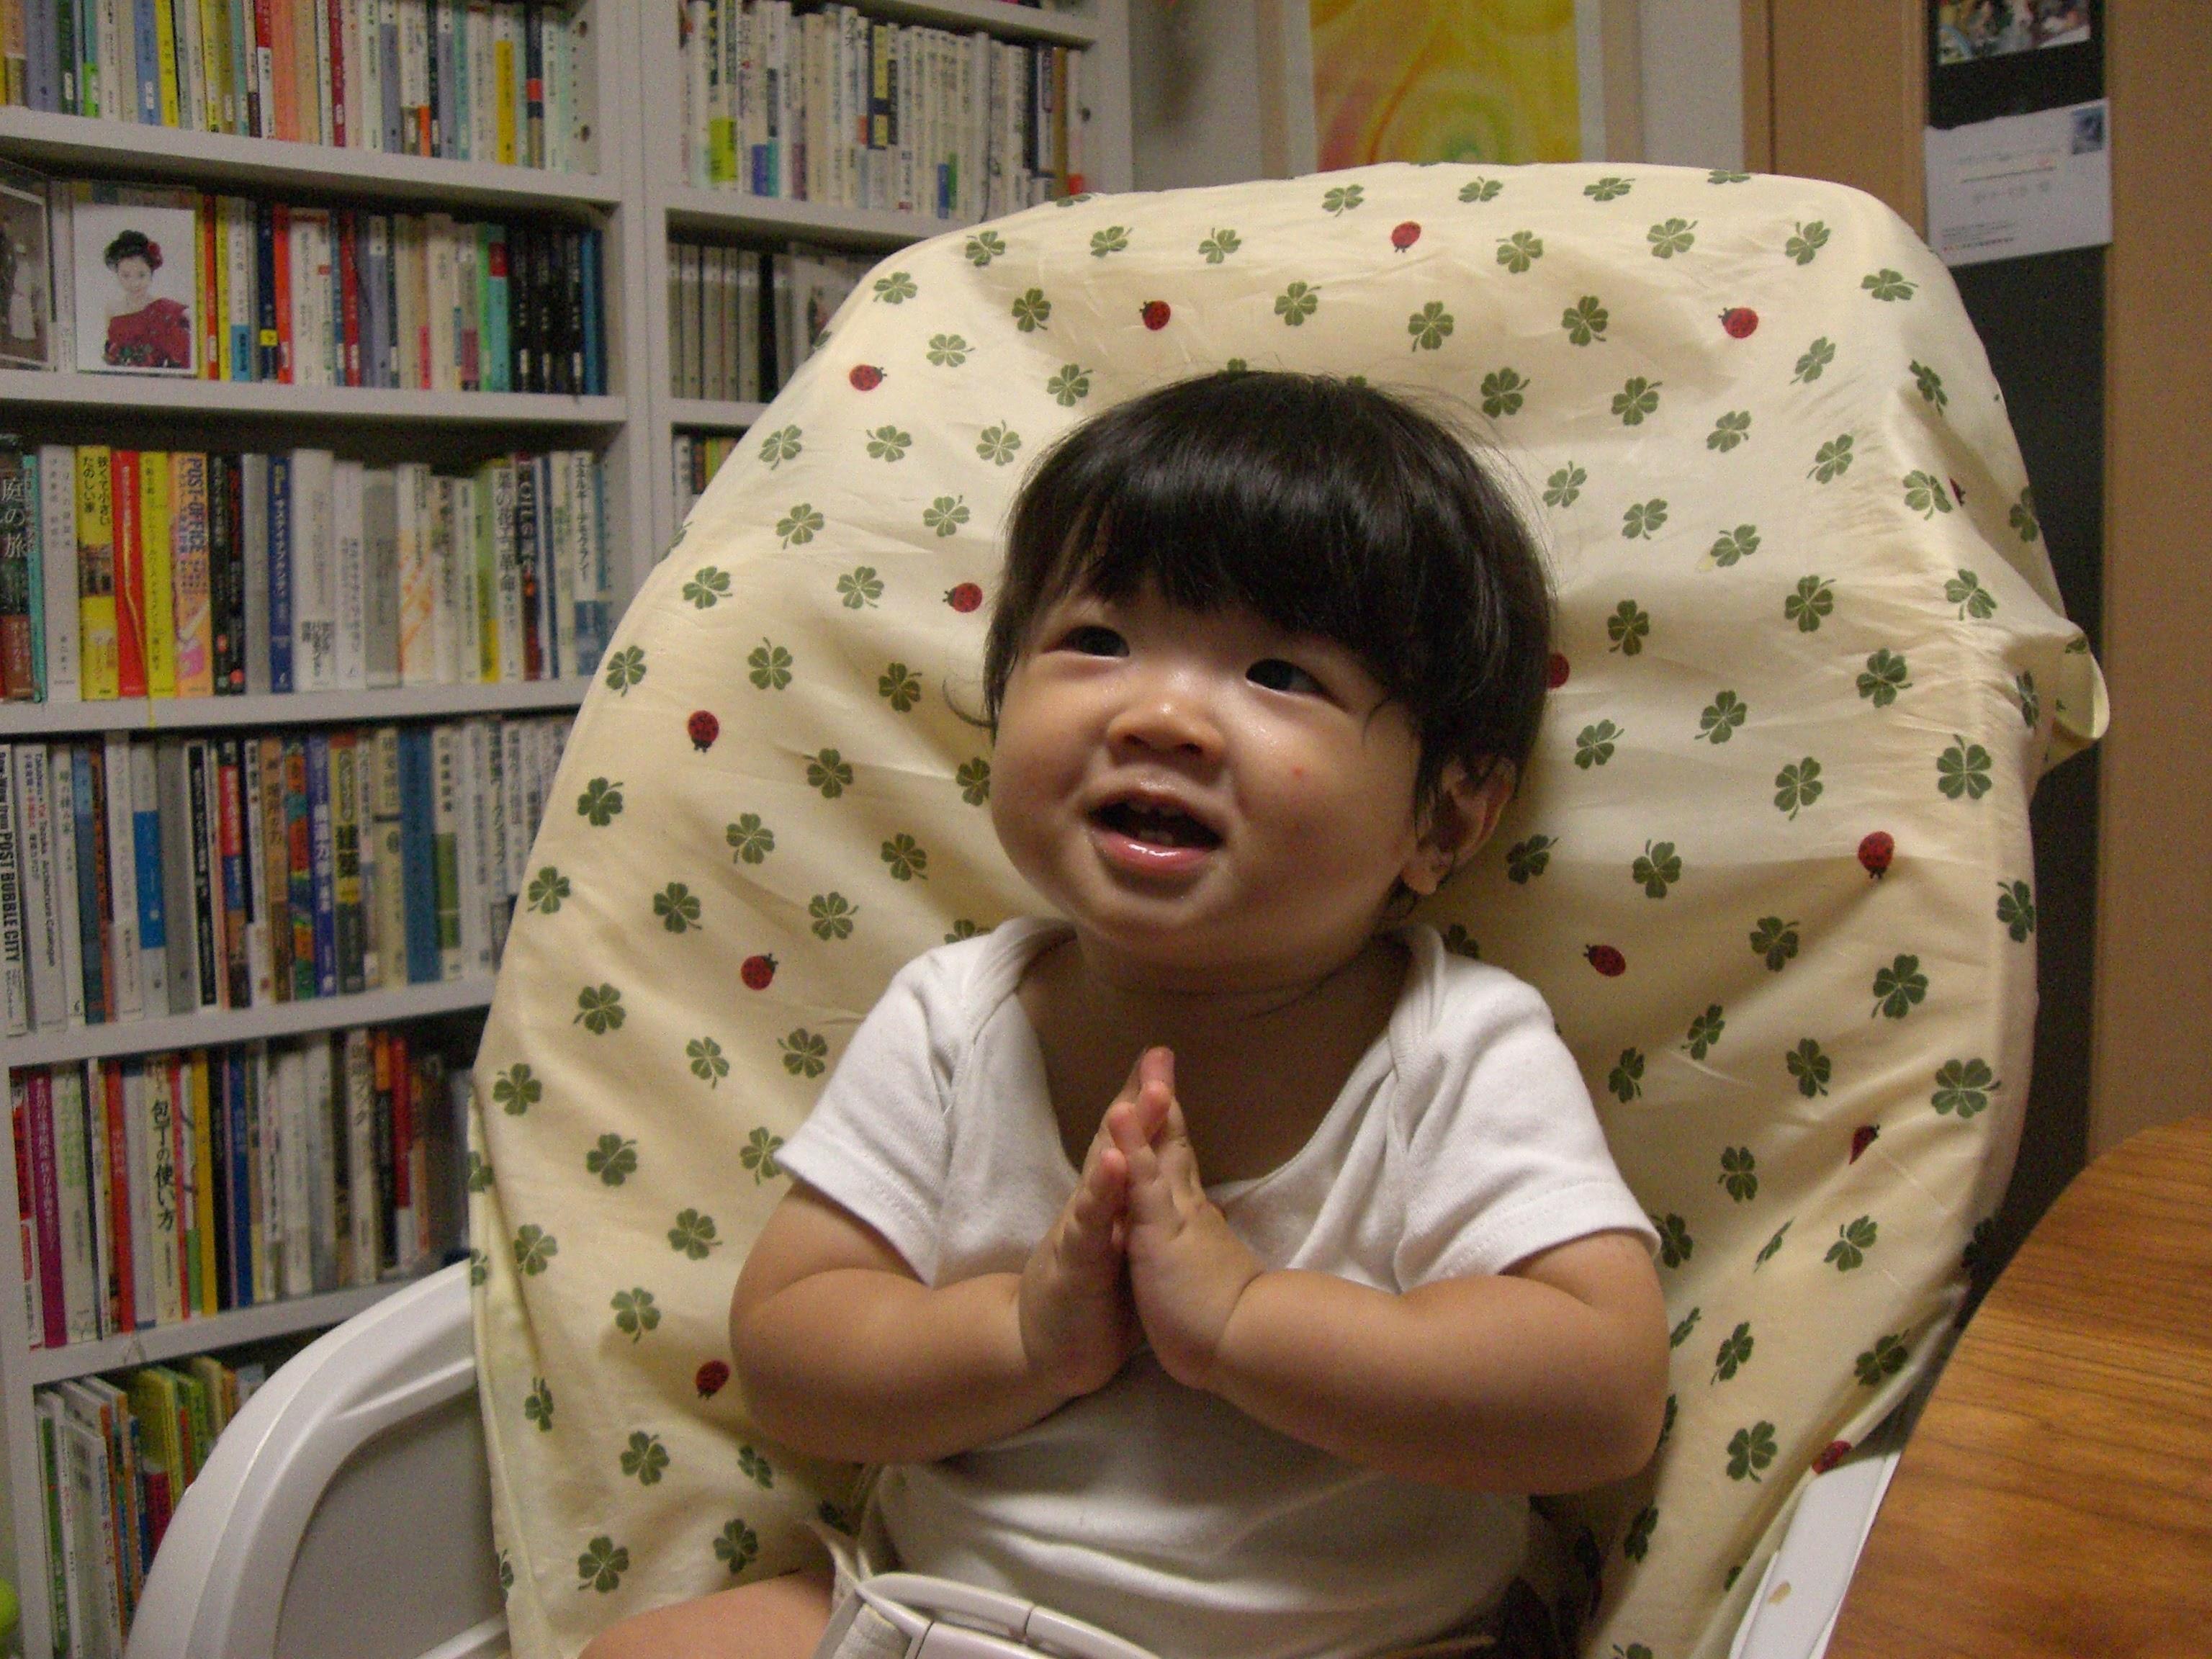 赤ちゃんの寝る場所 リビング・ダイニング・キッチンのどこにでも動かせるのは ベビーラック・ハイローベッド。離乳食期には椅子としても大活躍